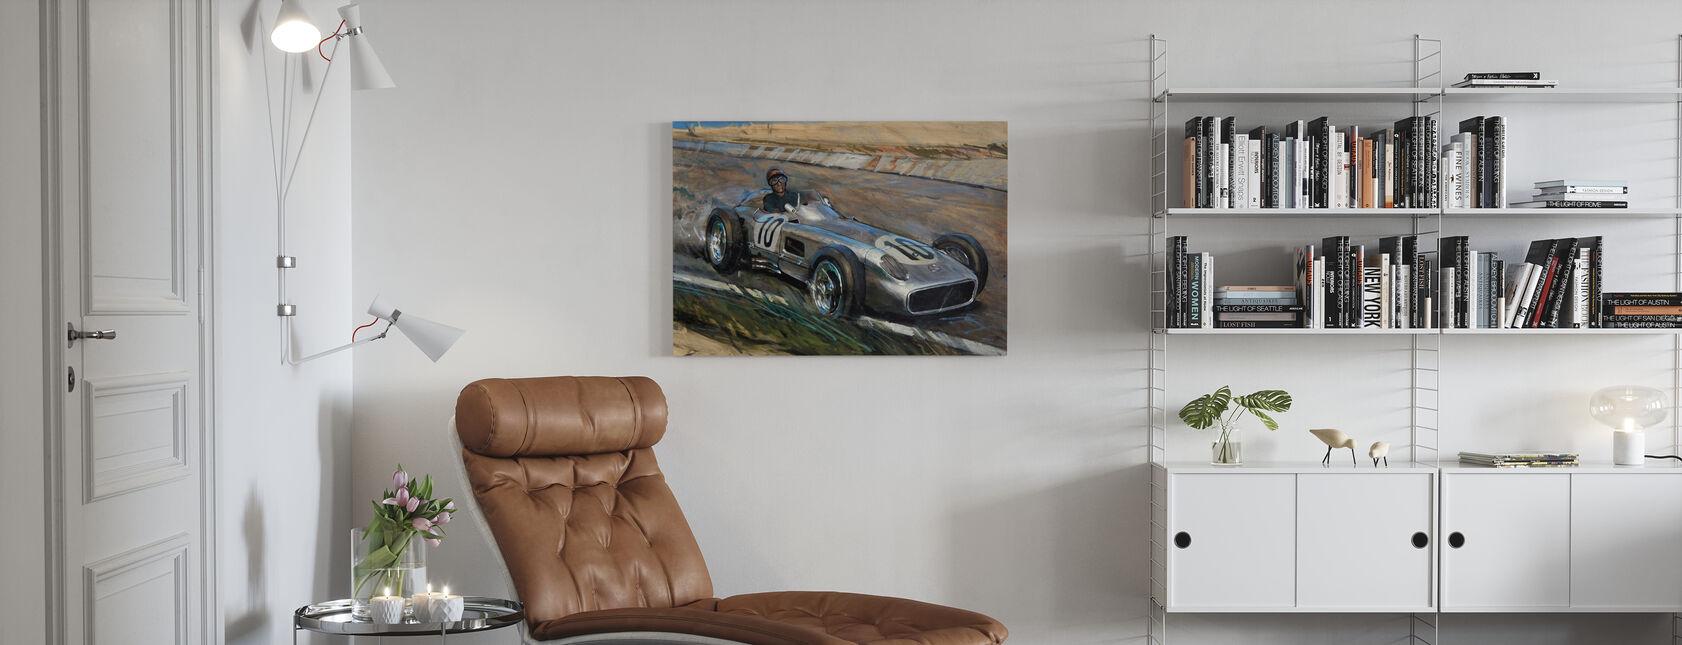 Op snelheid - Canvas print - Woonkamer